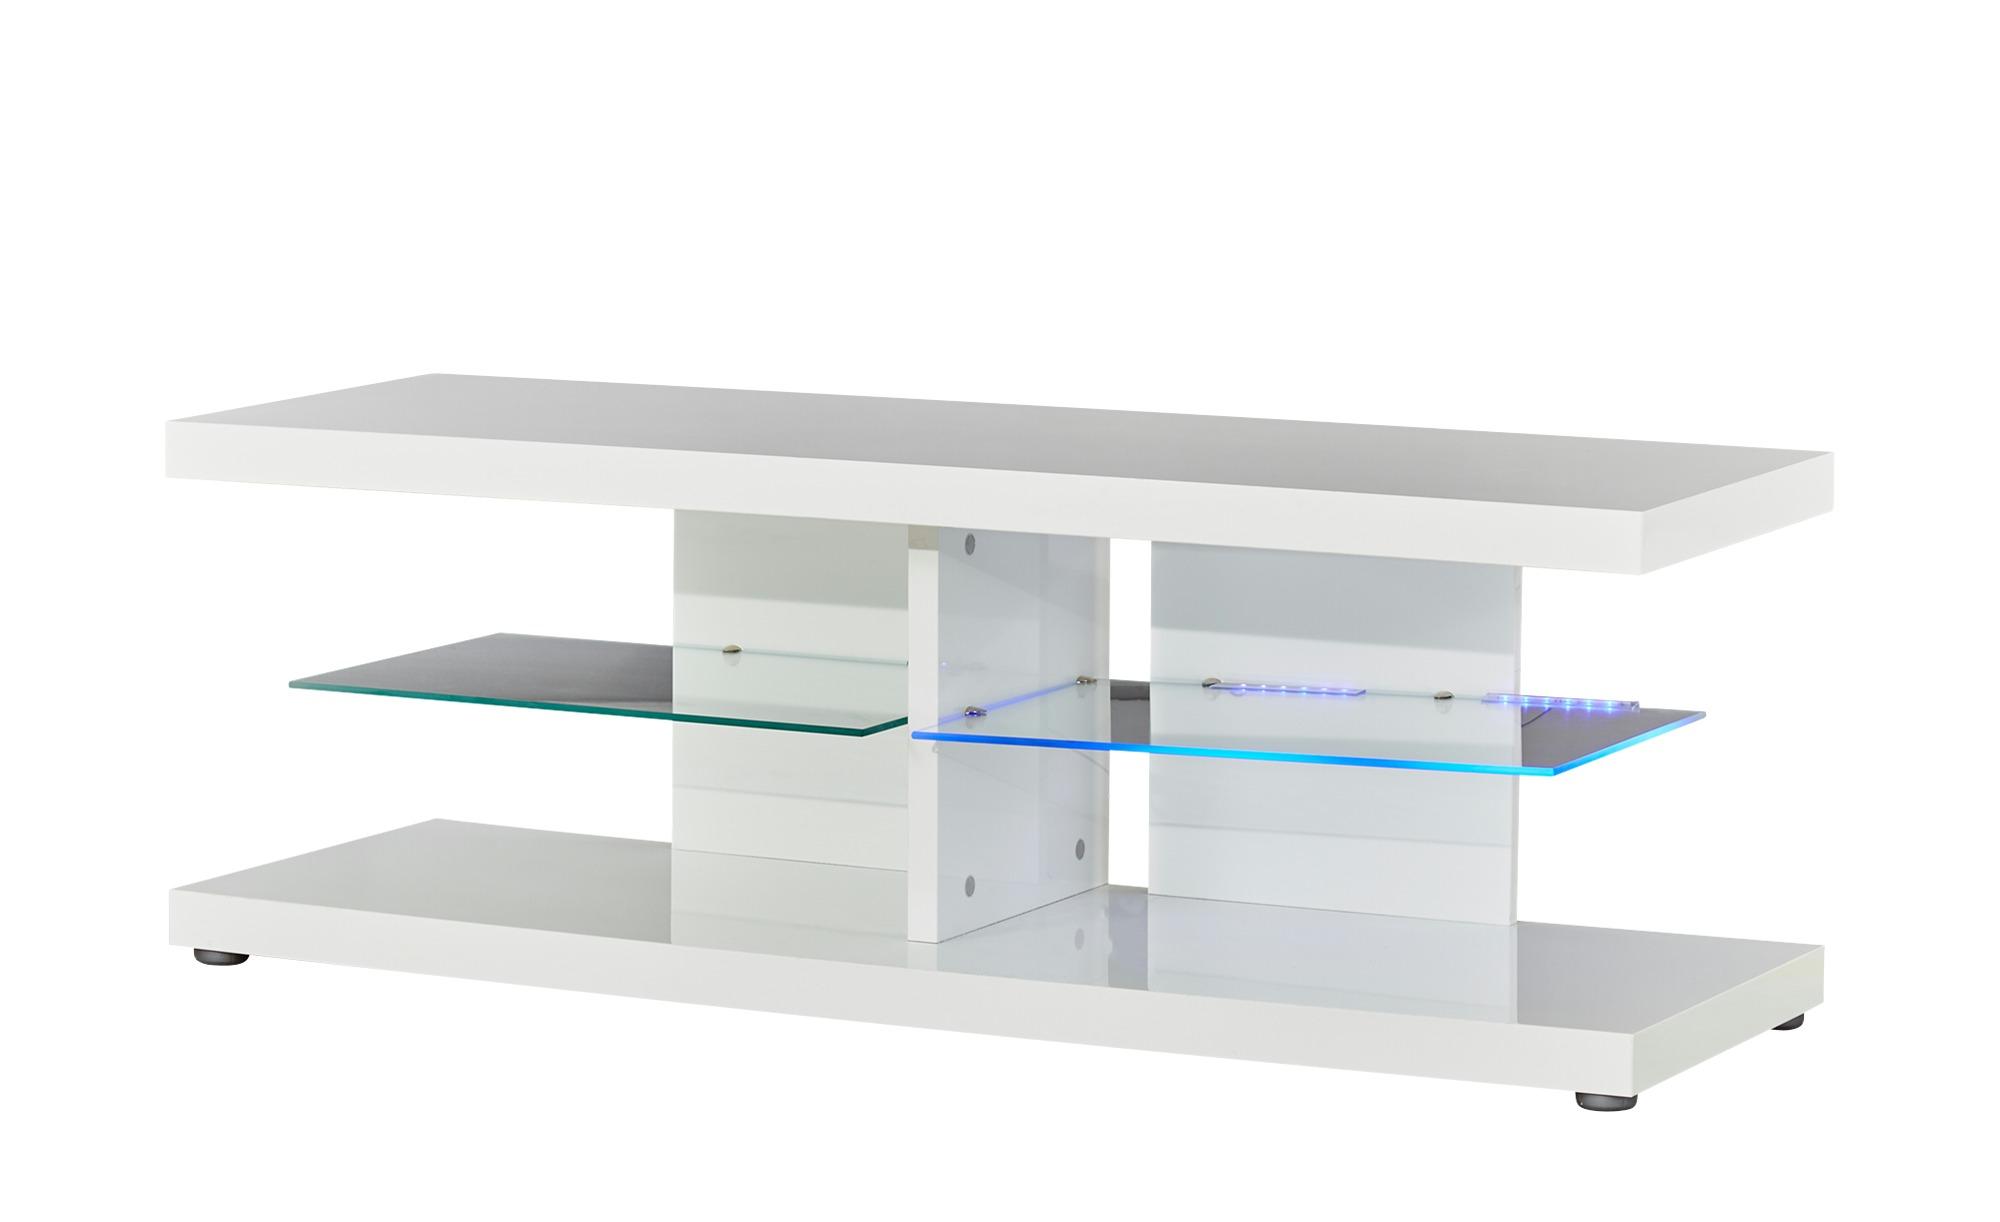 tv element puria breite 120 cm h he 43 cm online kaufen bei woonio. Black Bedroom Furniture Sets. Home Design Ideas